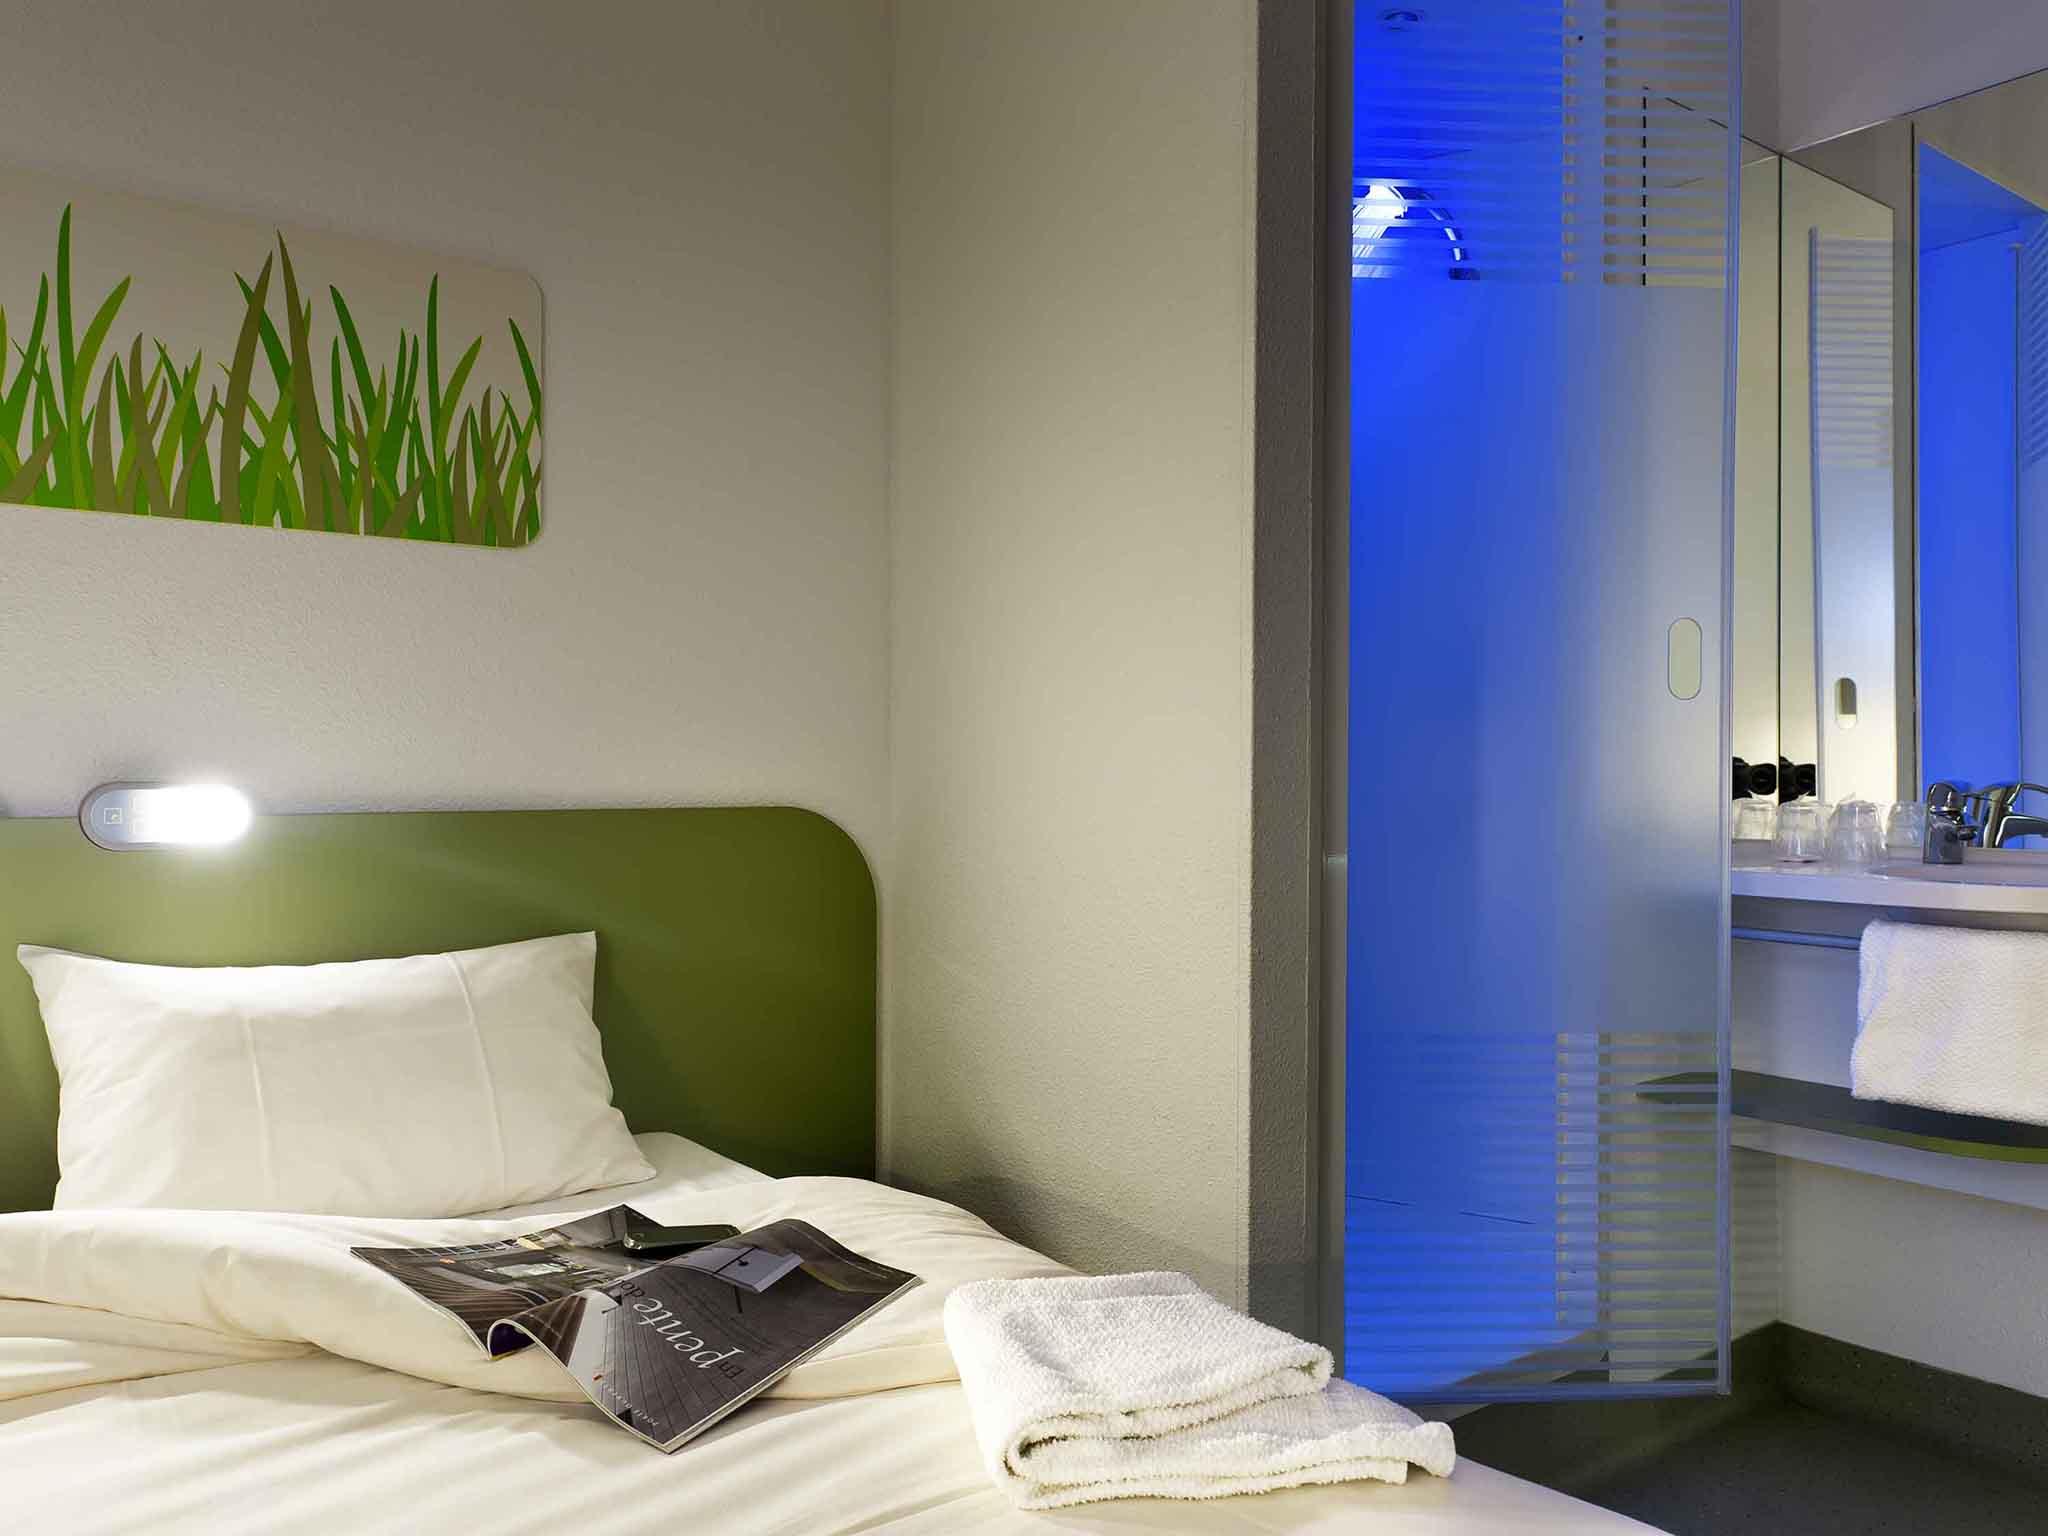 Hotel in ROANNE - ibis budget Roanne